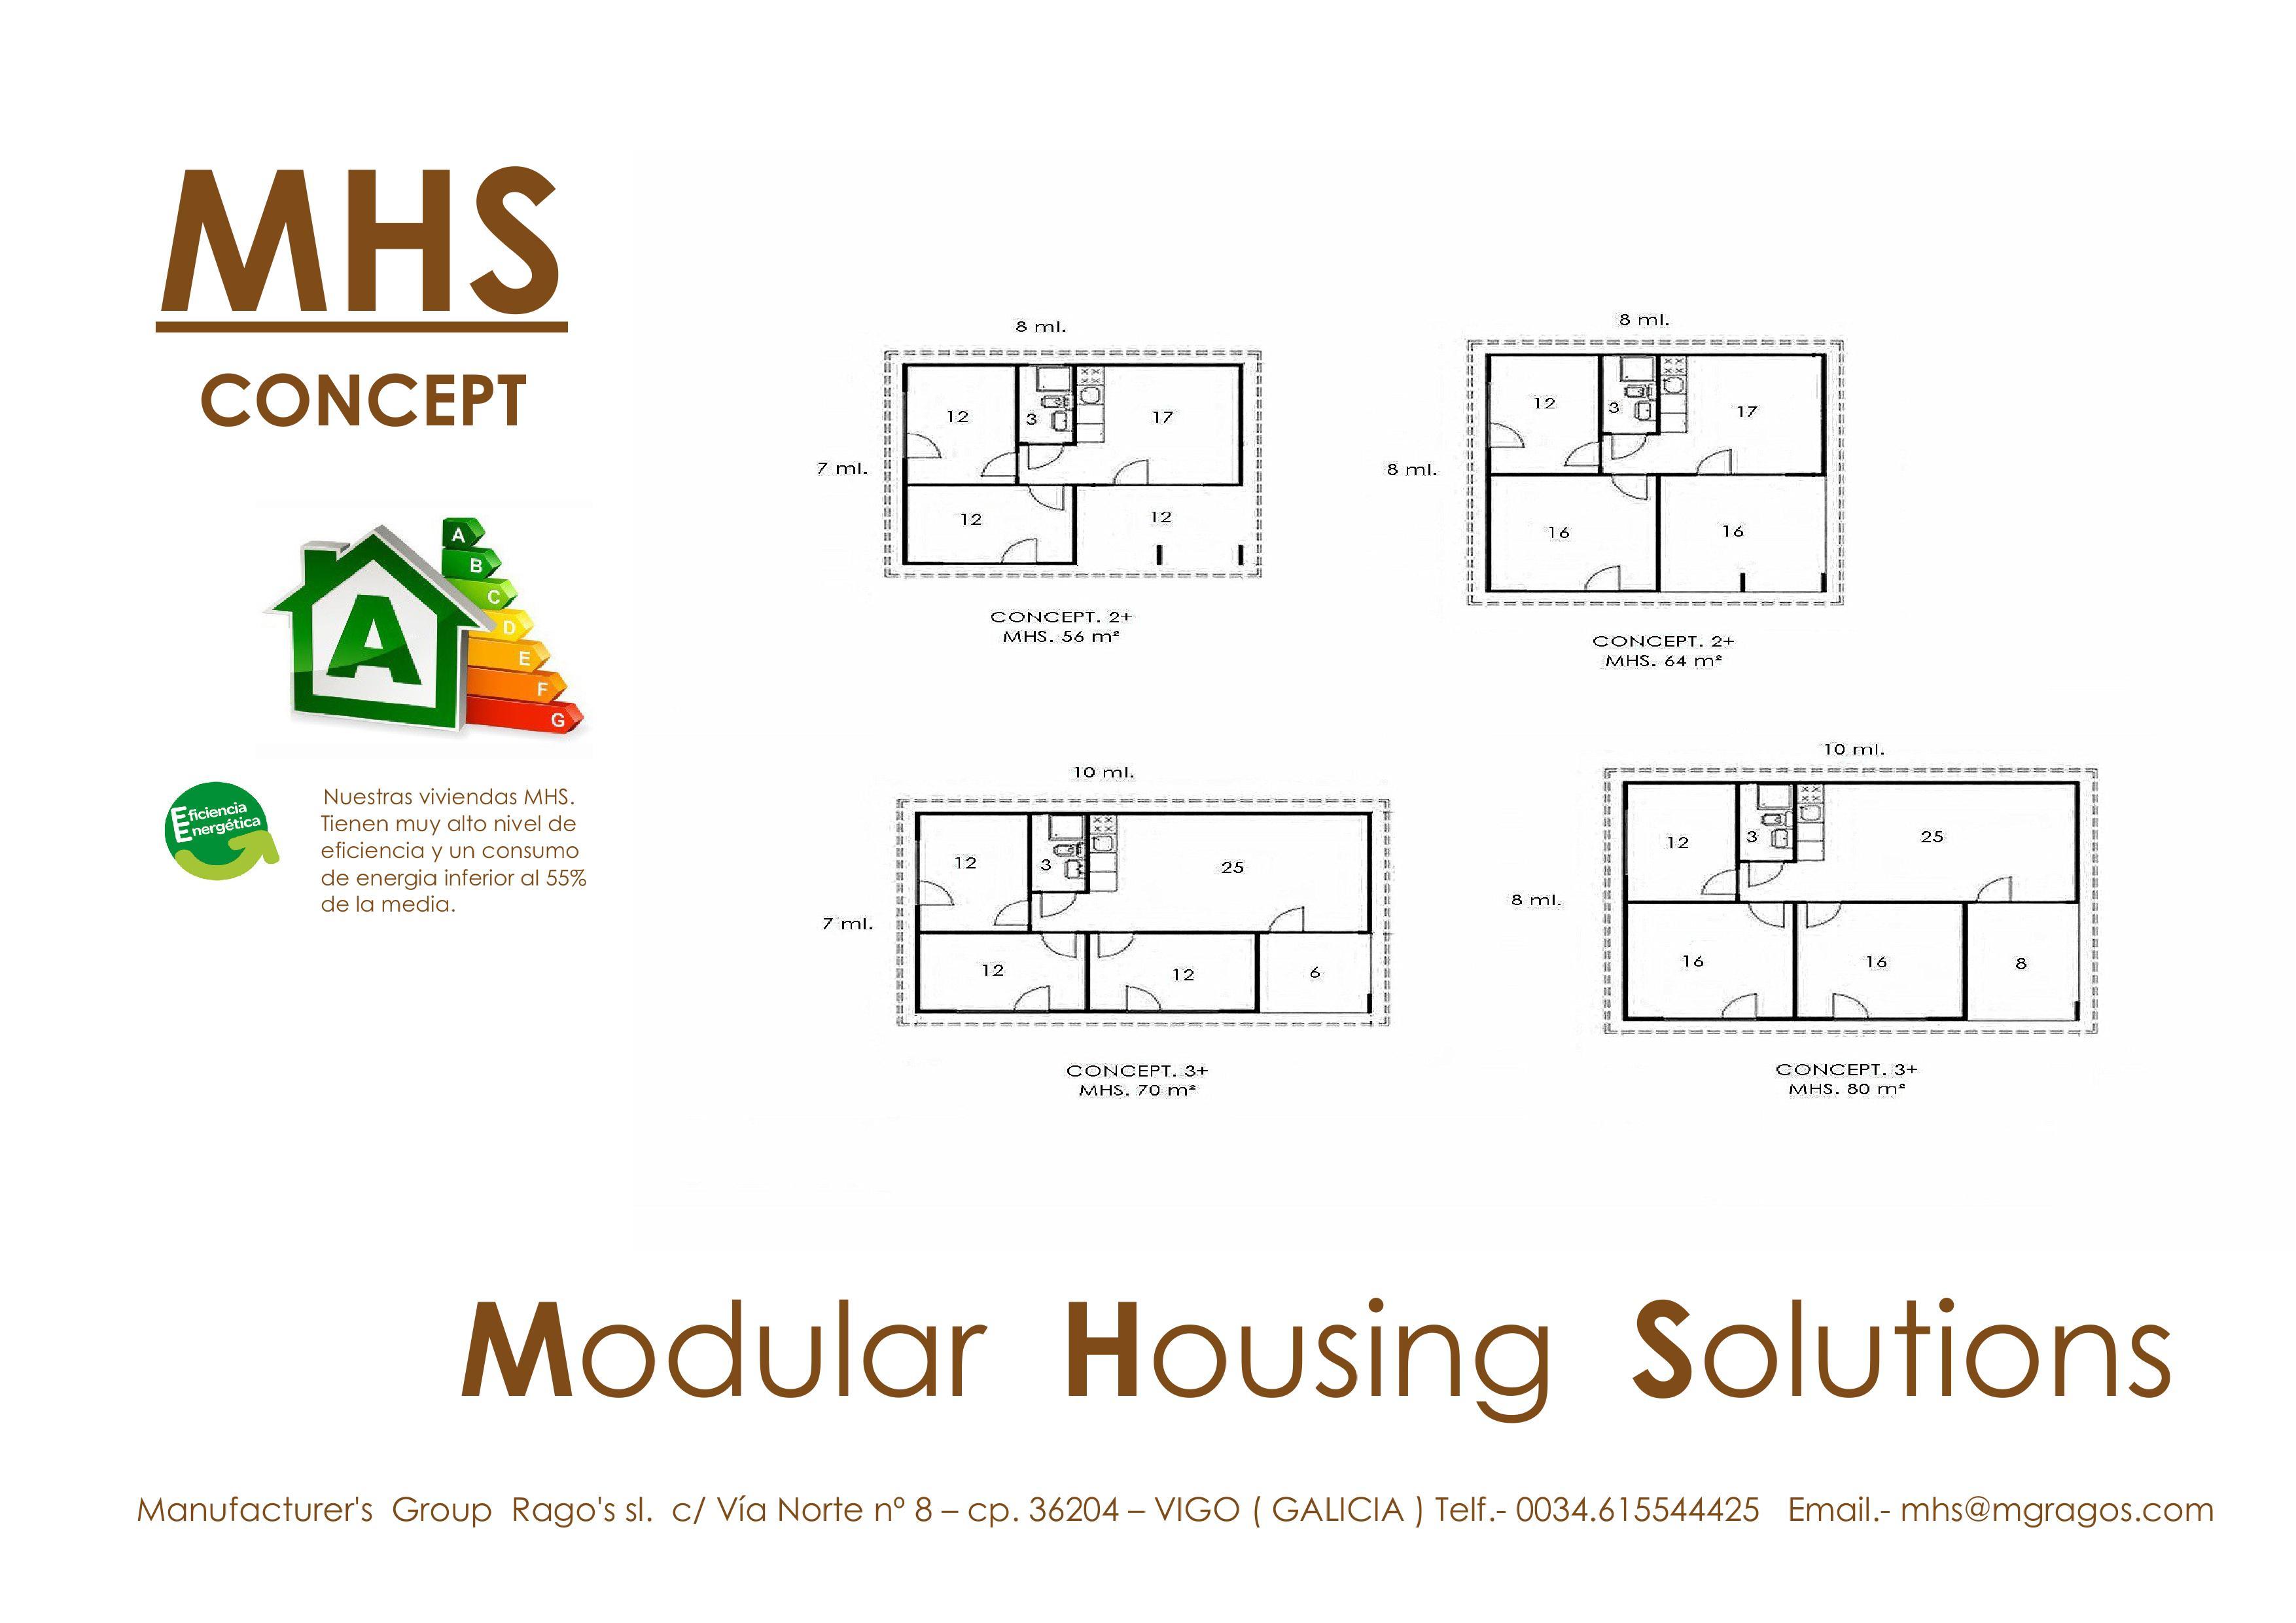 Modelo MHS CONCEPT-8